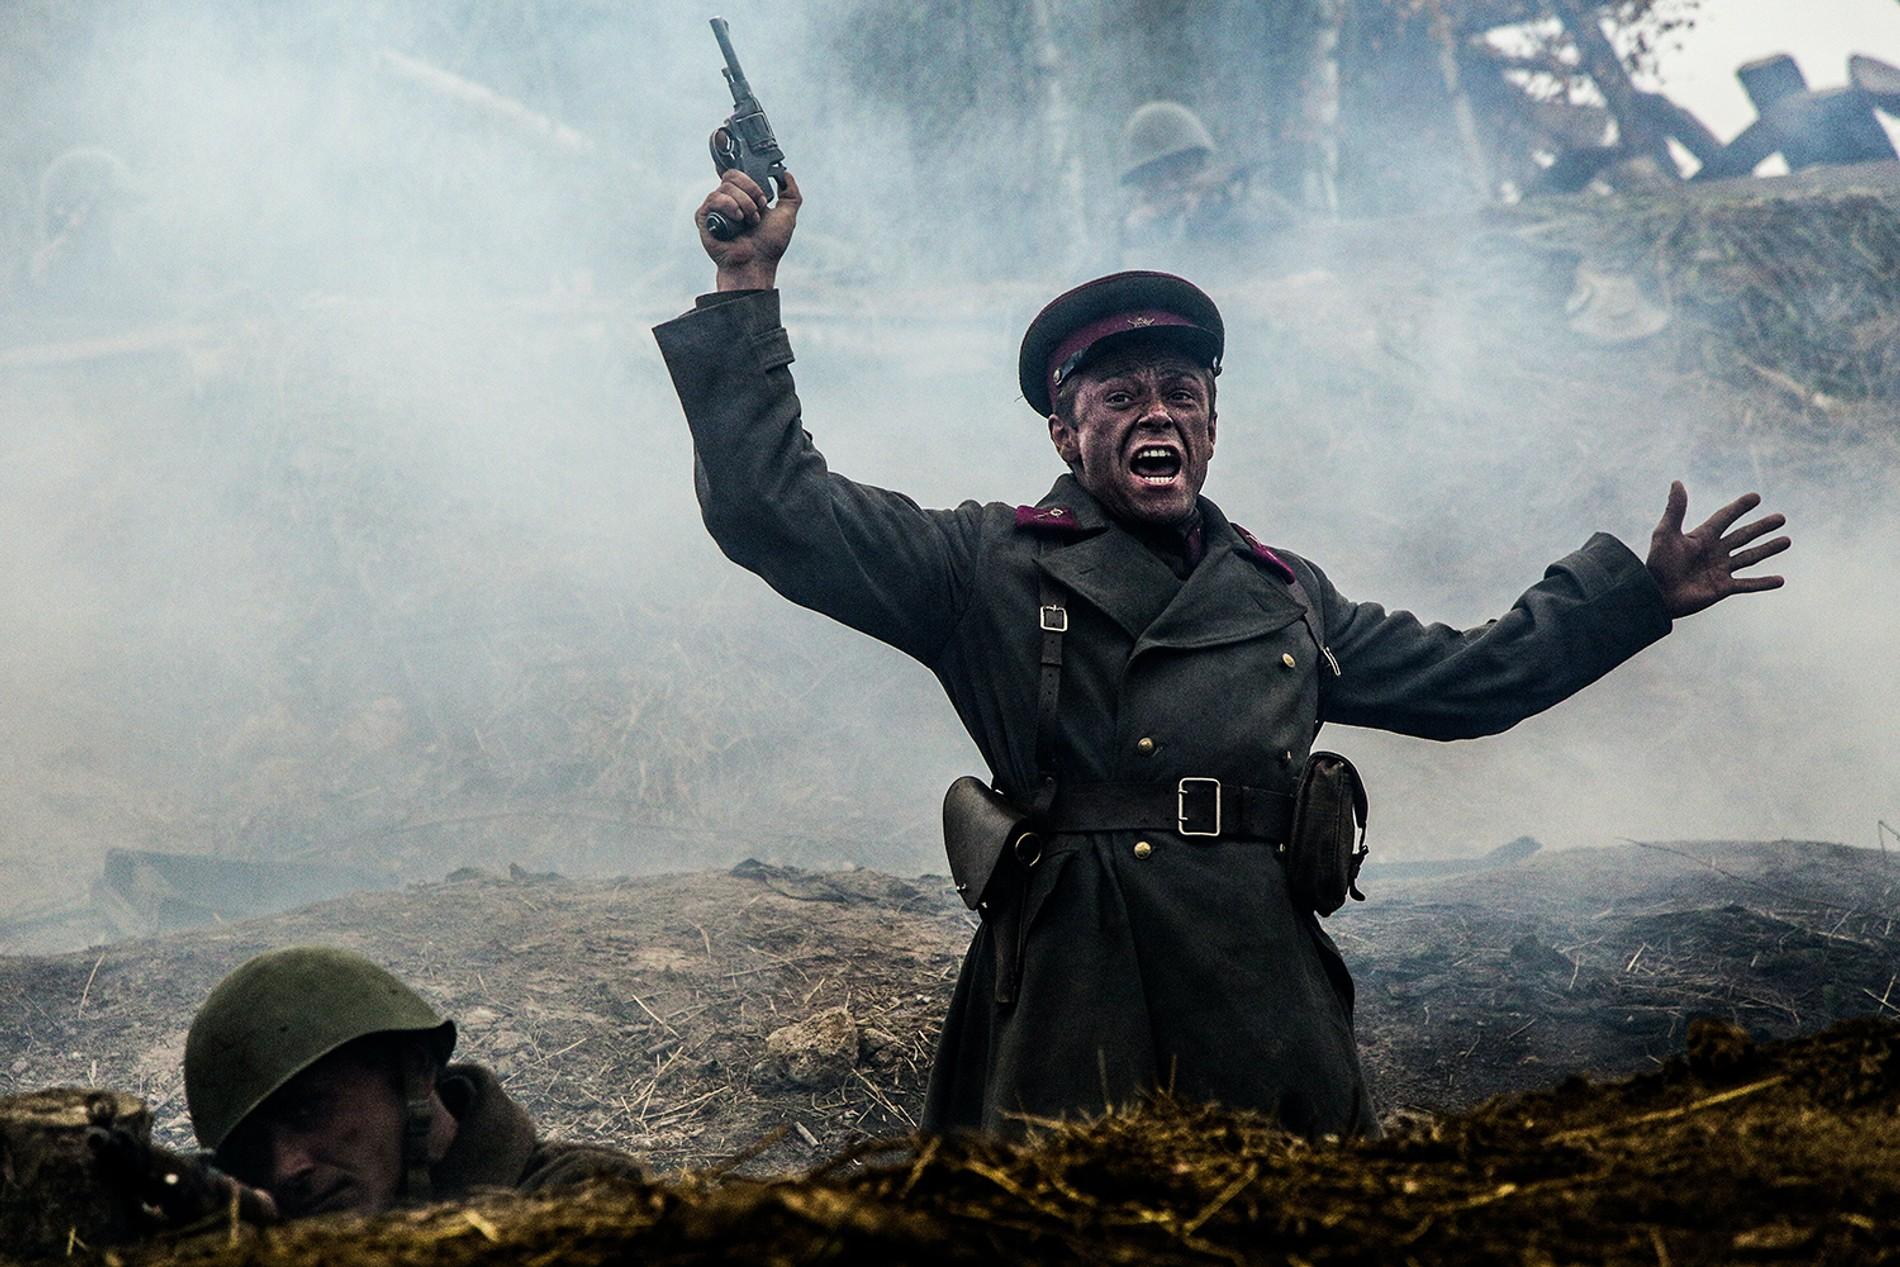 Режиссер Шмелев назвал залог успешной картины о войне